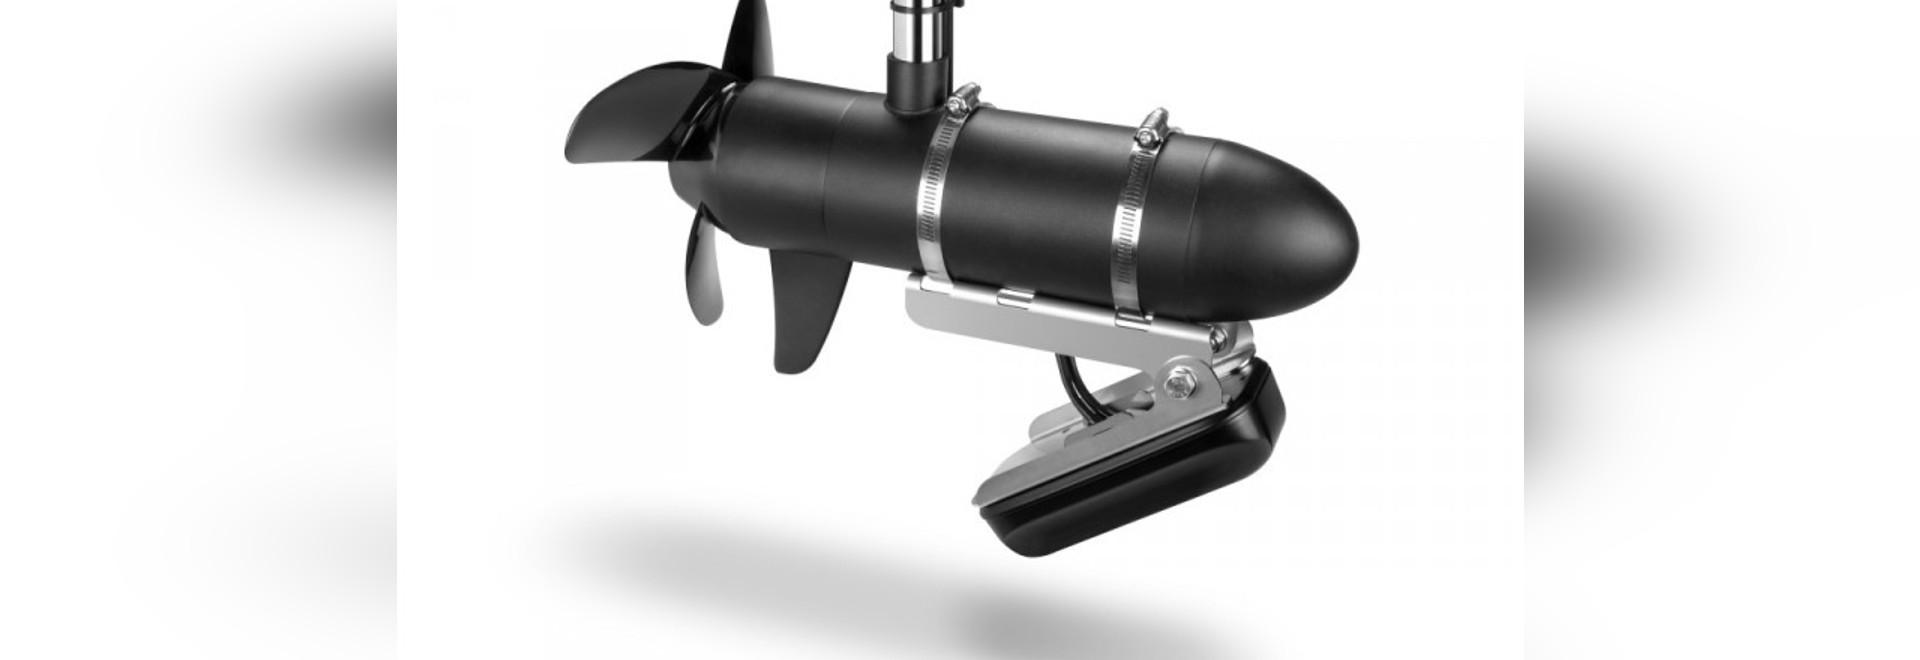 MIAMI 2015: GARMIN'S REVOLUTIONARY 3D SONAR